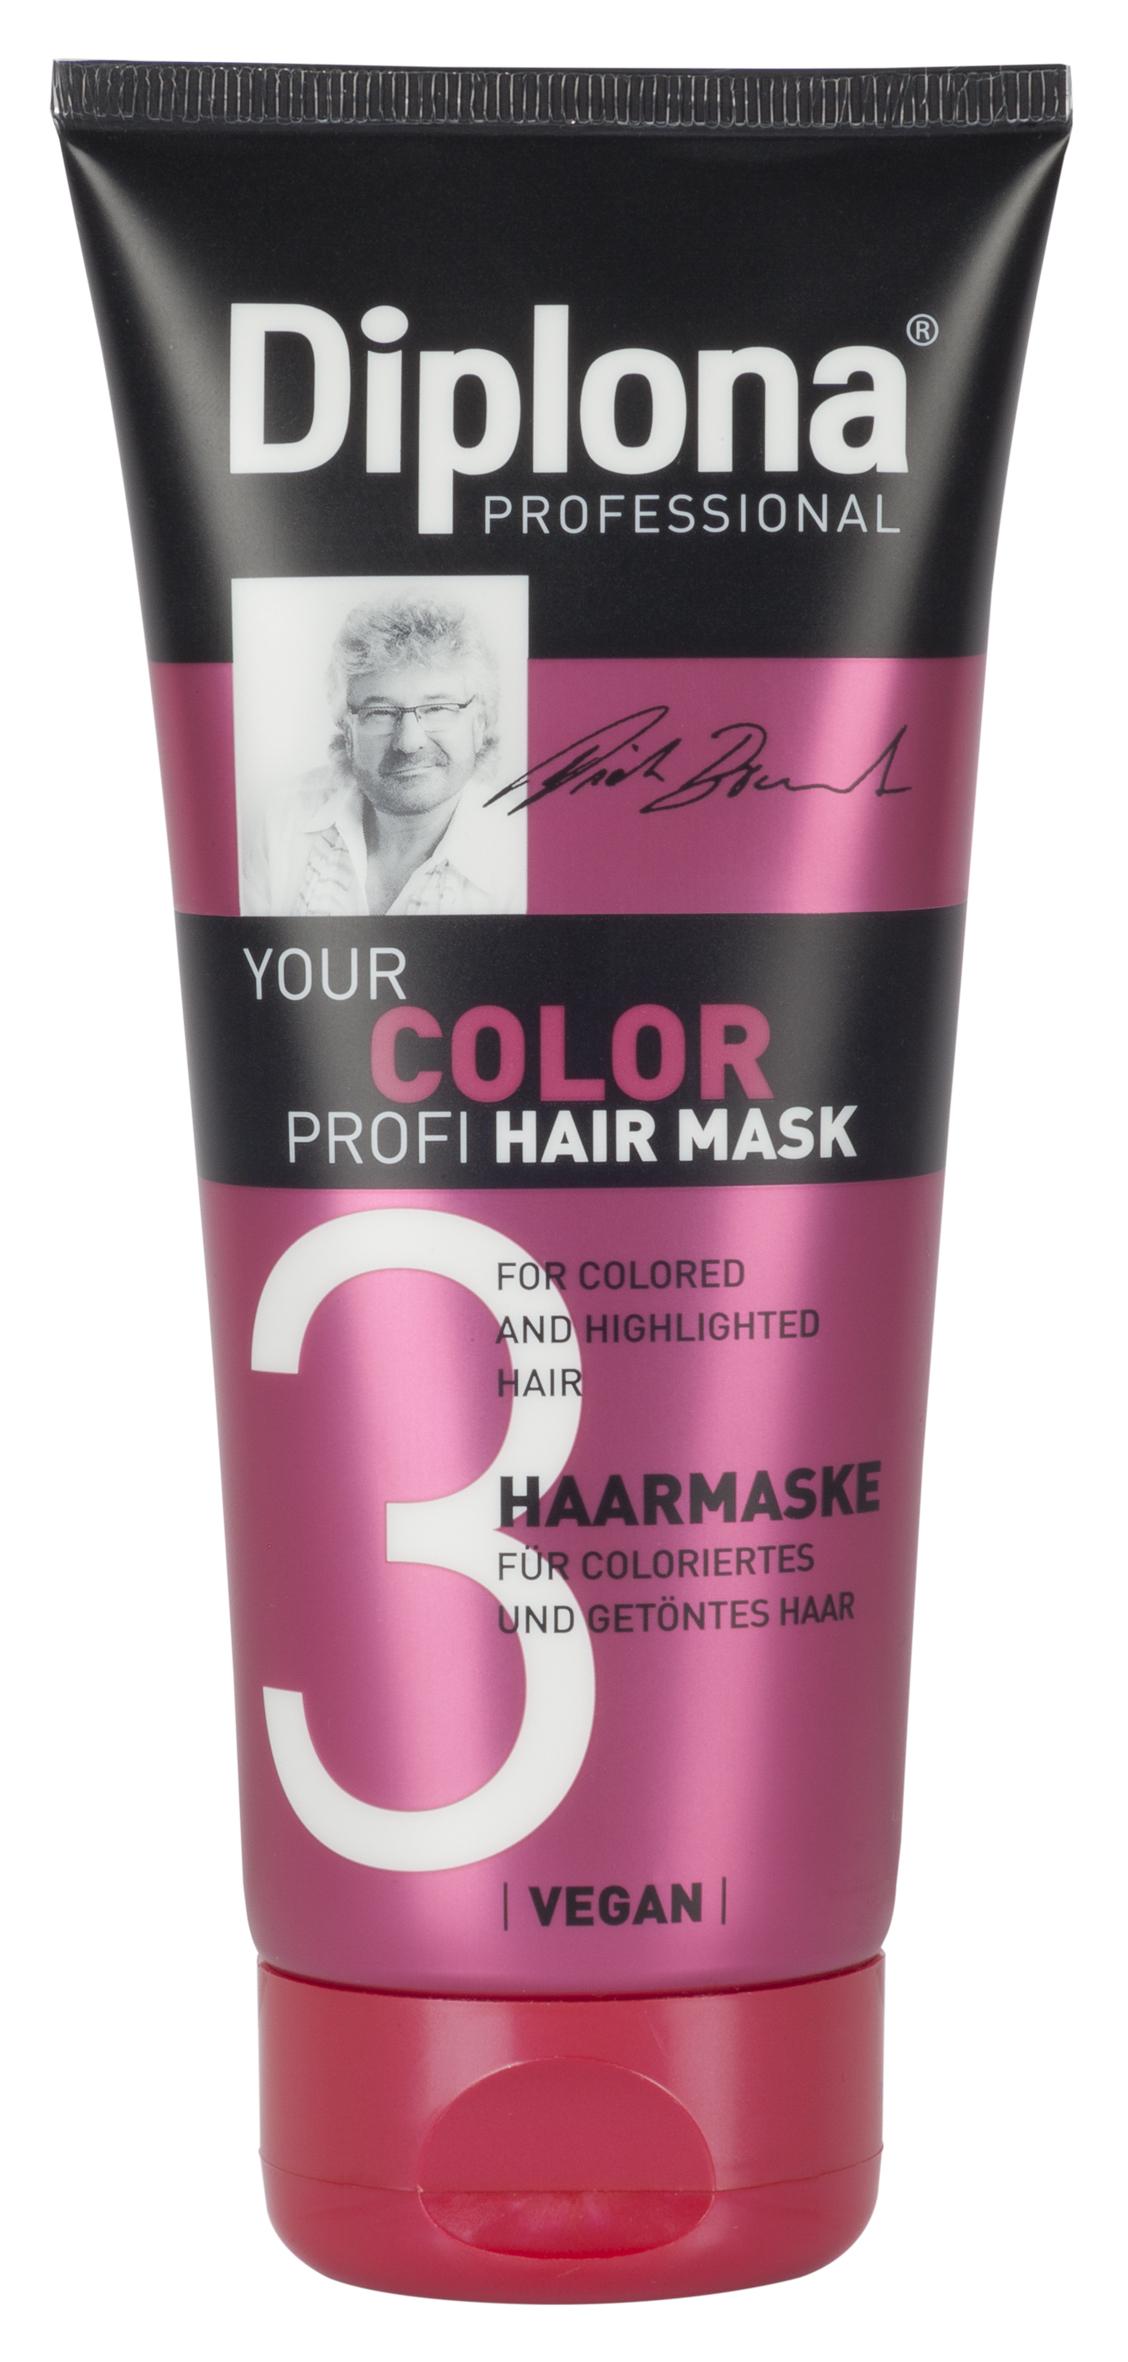 Маска для волос Diplona Professional Your Color Profi, для окрашенных и мелированных волос, 200 мл95181Маска для волос Diplona Professional Your Color Profi - бережный уход для окрашенных и мелированных волос. Основные компоненты: Масло жожоба - богато витамином Е, активизирует процессы регенерации. Обеспечивает защитный слой, не оставляет жирного блеска на коже и волосах. Пантенол - помогает восстановить поврежденные волосяные луковицы и секущиеся концы волос. УФ фильтр осторожно обволакивает волосы, тем самым защищая их от неблагоприятных факторов окружающей среды и предотвращая сухость, ломкость, потускнение и изменение цвета окрашенных и мелированных волос. Экстракт инжира - глубоко увлажняет и смягчает волосы, оказывает восстанавливающее действие. Витамин B3 - способствует росту волос. Протеины пшеницы - способствуют восстановлению блеска и эластичности волос, поддерживает и восстанавливает расщепленные кончики волос, что особенно актуально при использовании красителей для волос. Экстракт Алоэ Вера - регулирует водный баланс волос,...